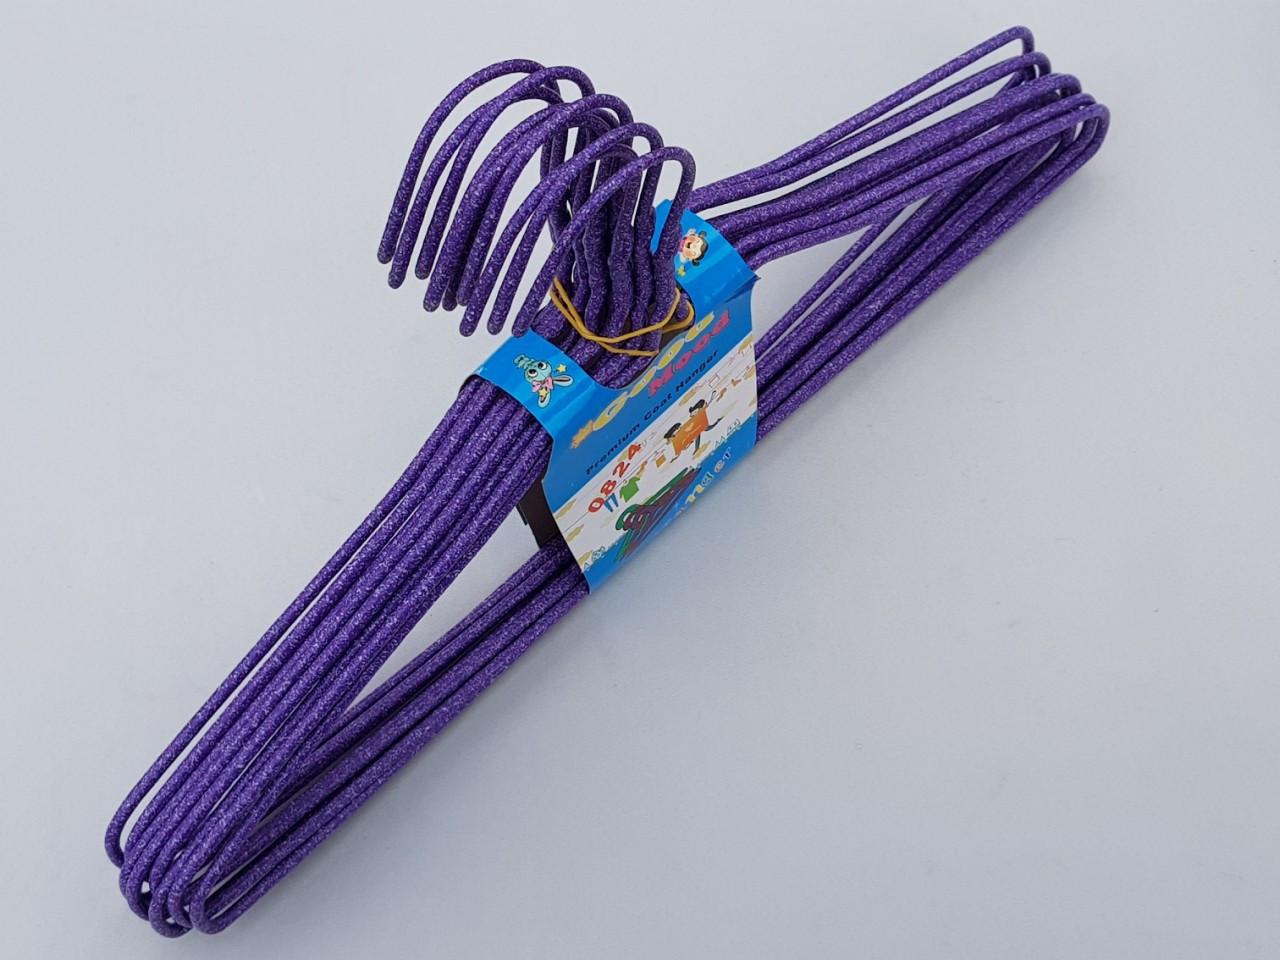 Плечики металлические проволочные в порошковой покраске фиолетового цвета, 39,5 см,10 штук в упаковке